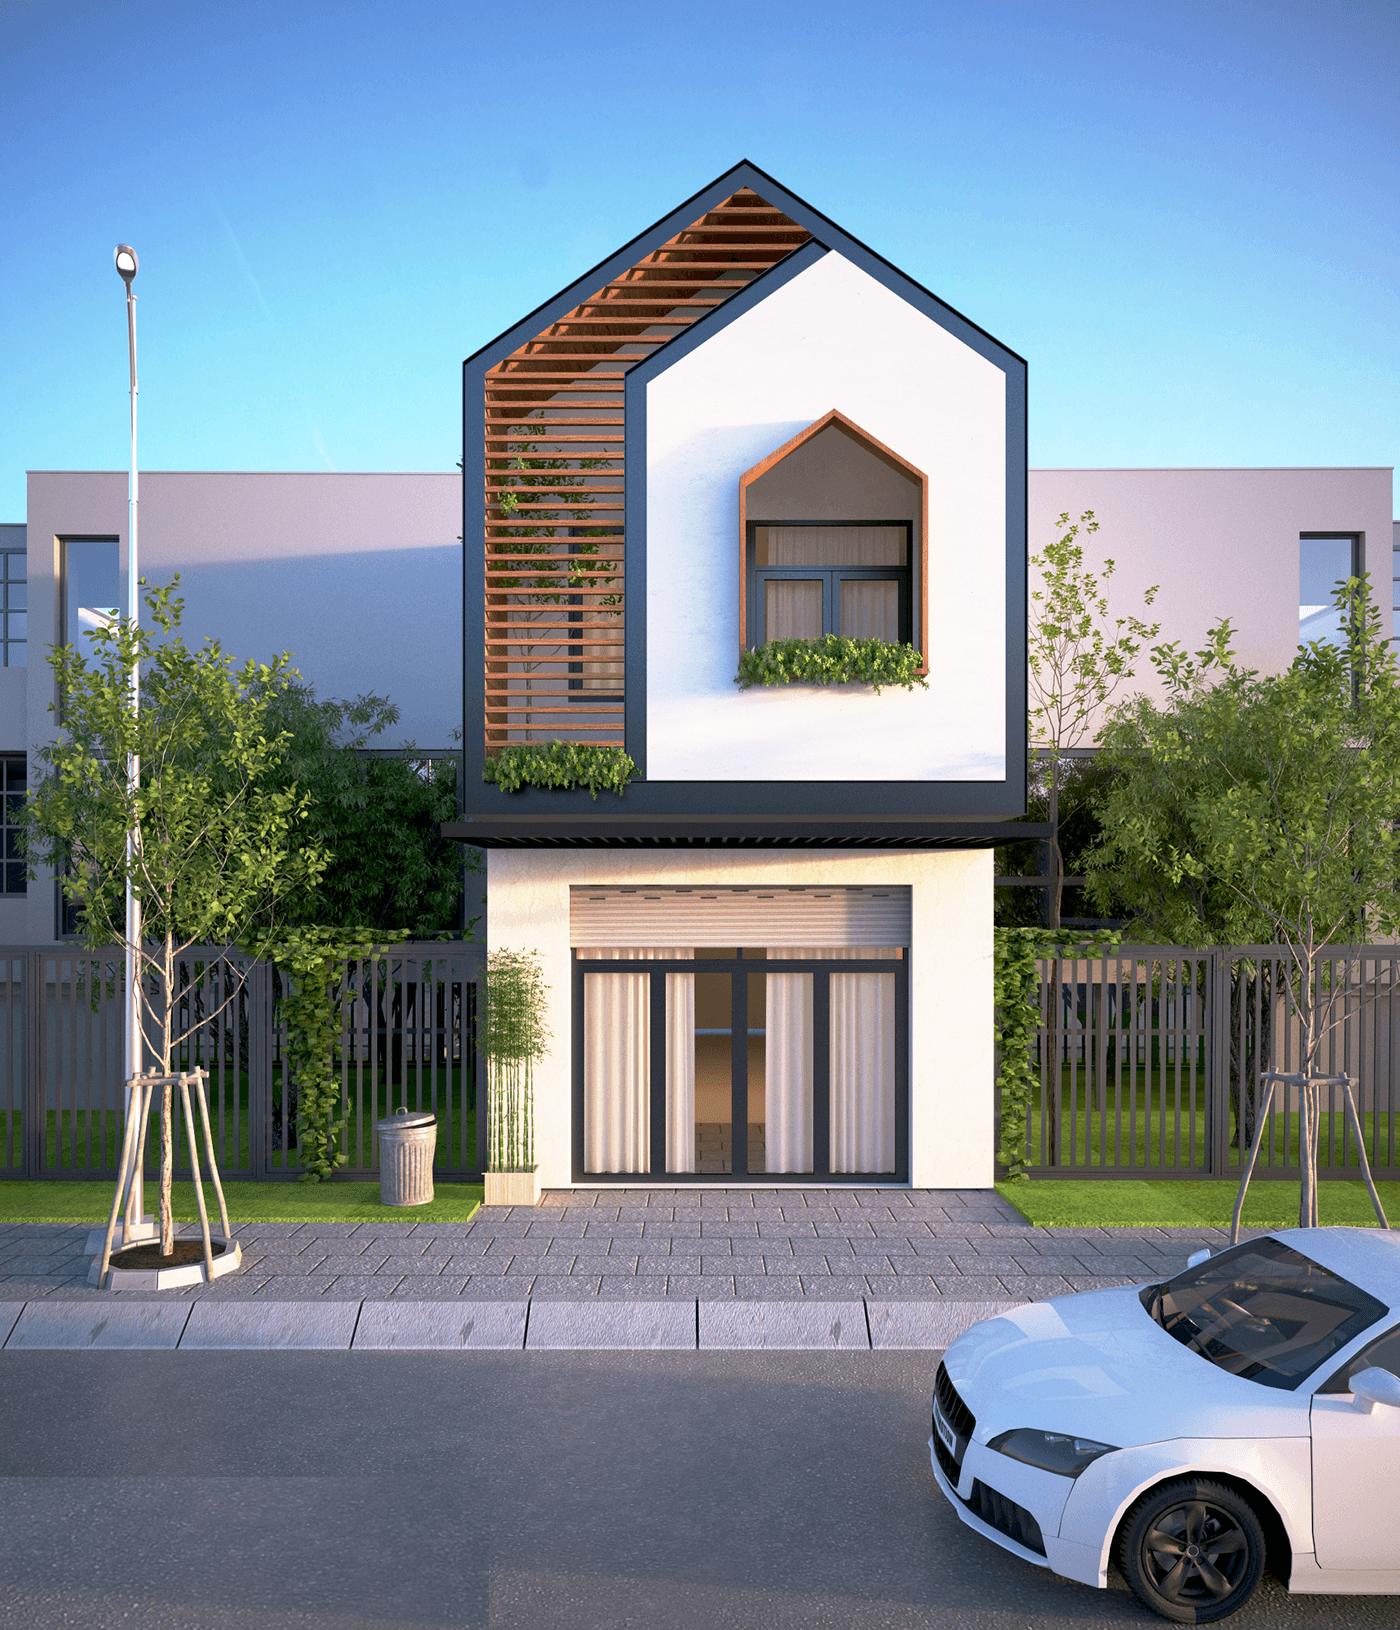 Với mẫu thiết kế này, ngôi nhà của bạn sẽ được nối liền nhau, tạo nên một tổng thể thống nhất